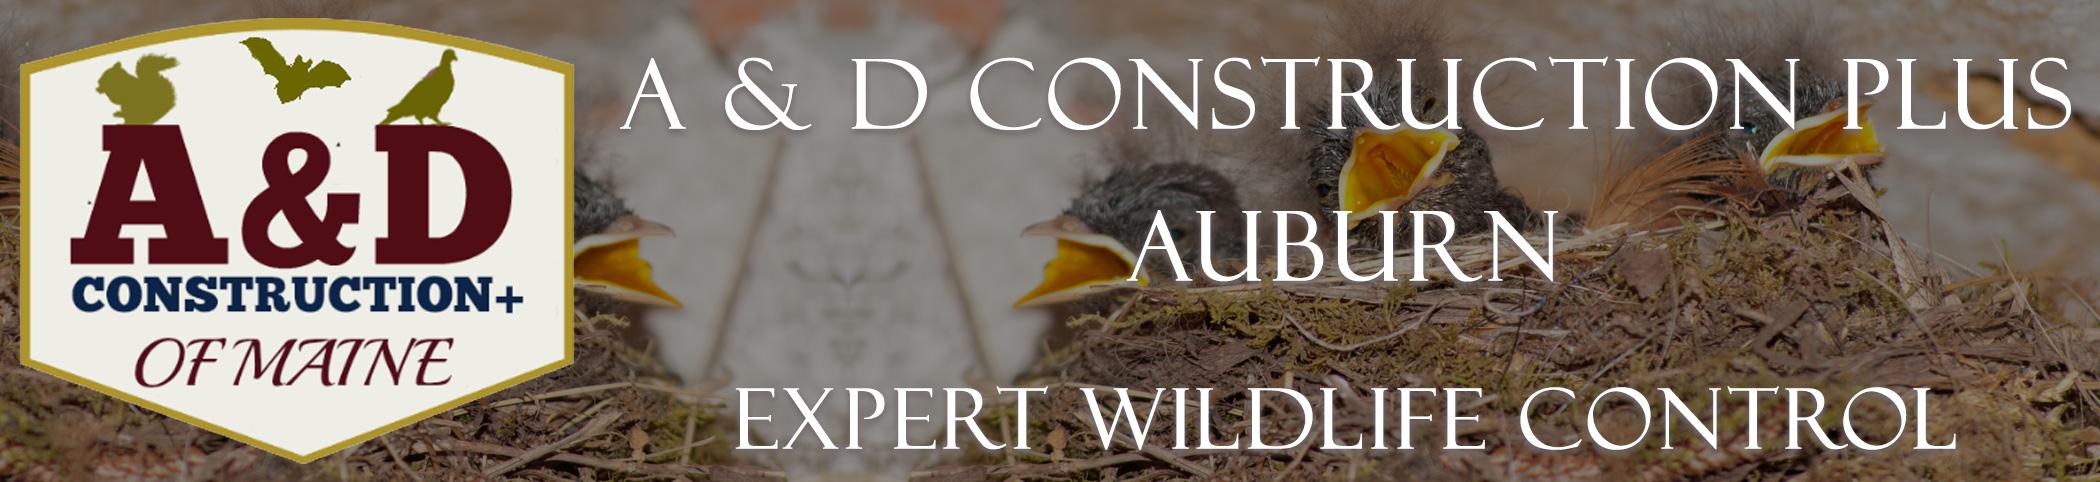 A AND D Construction PLUS Bat Removal Auburn Maine